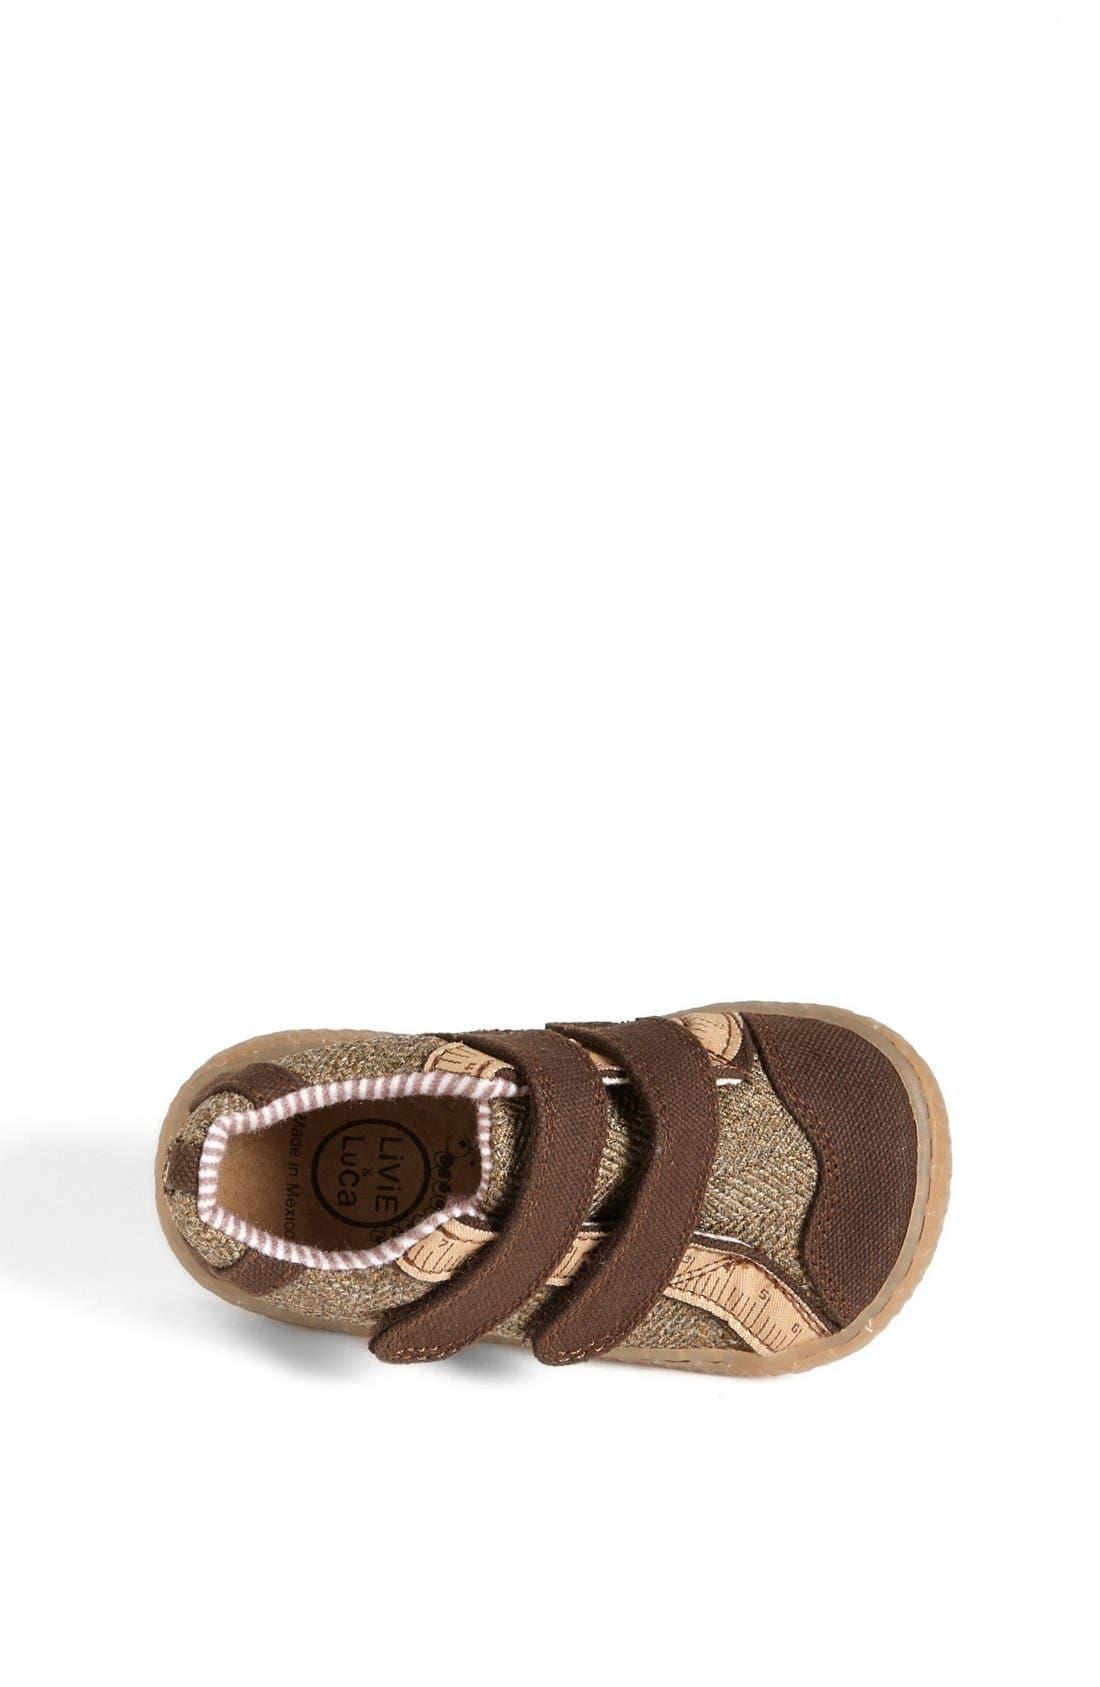 Alternate Image 3  - Livie & Luca 'Bernal' Sneaker (Baby, Walker, Toddler & Little Kid)